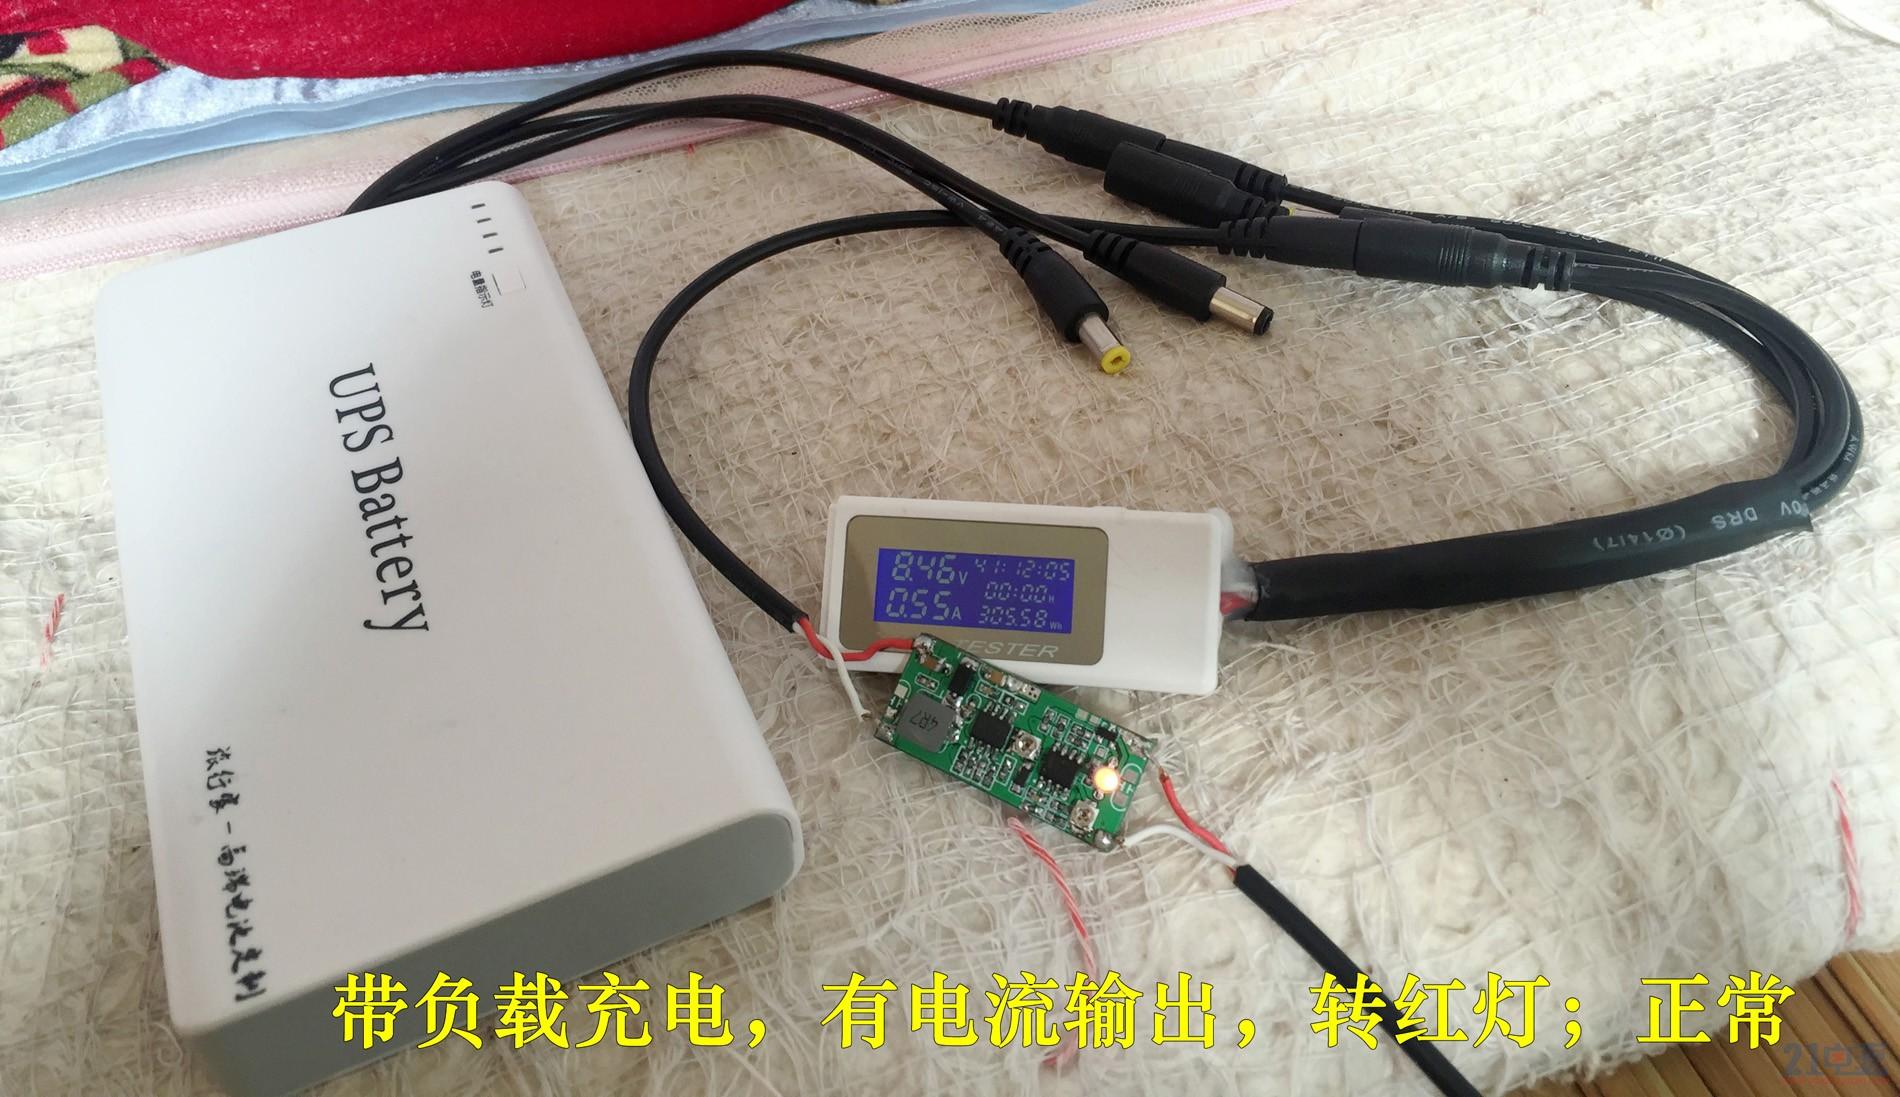 关于lm358恒流转灯电路 某段电压提前转灯的问题